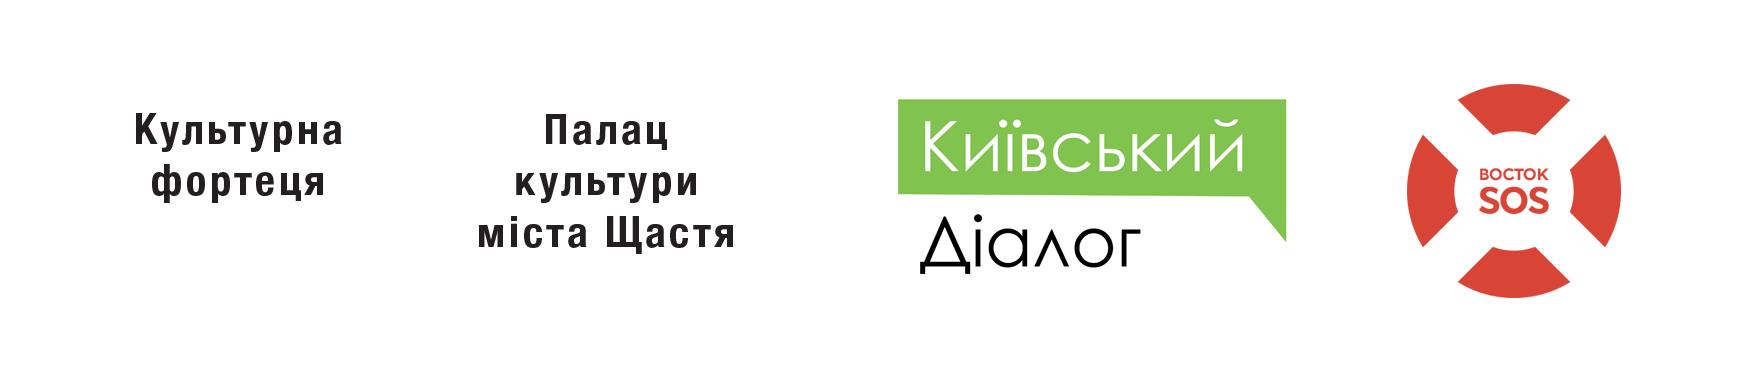 logo-vostok-sos-dialog